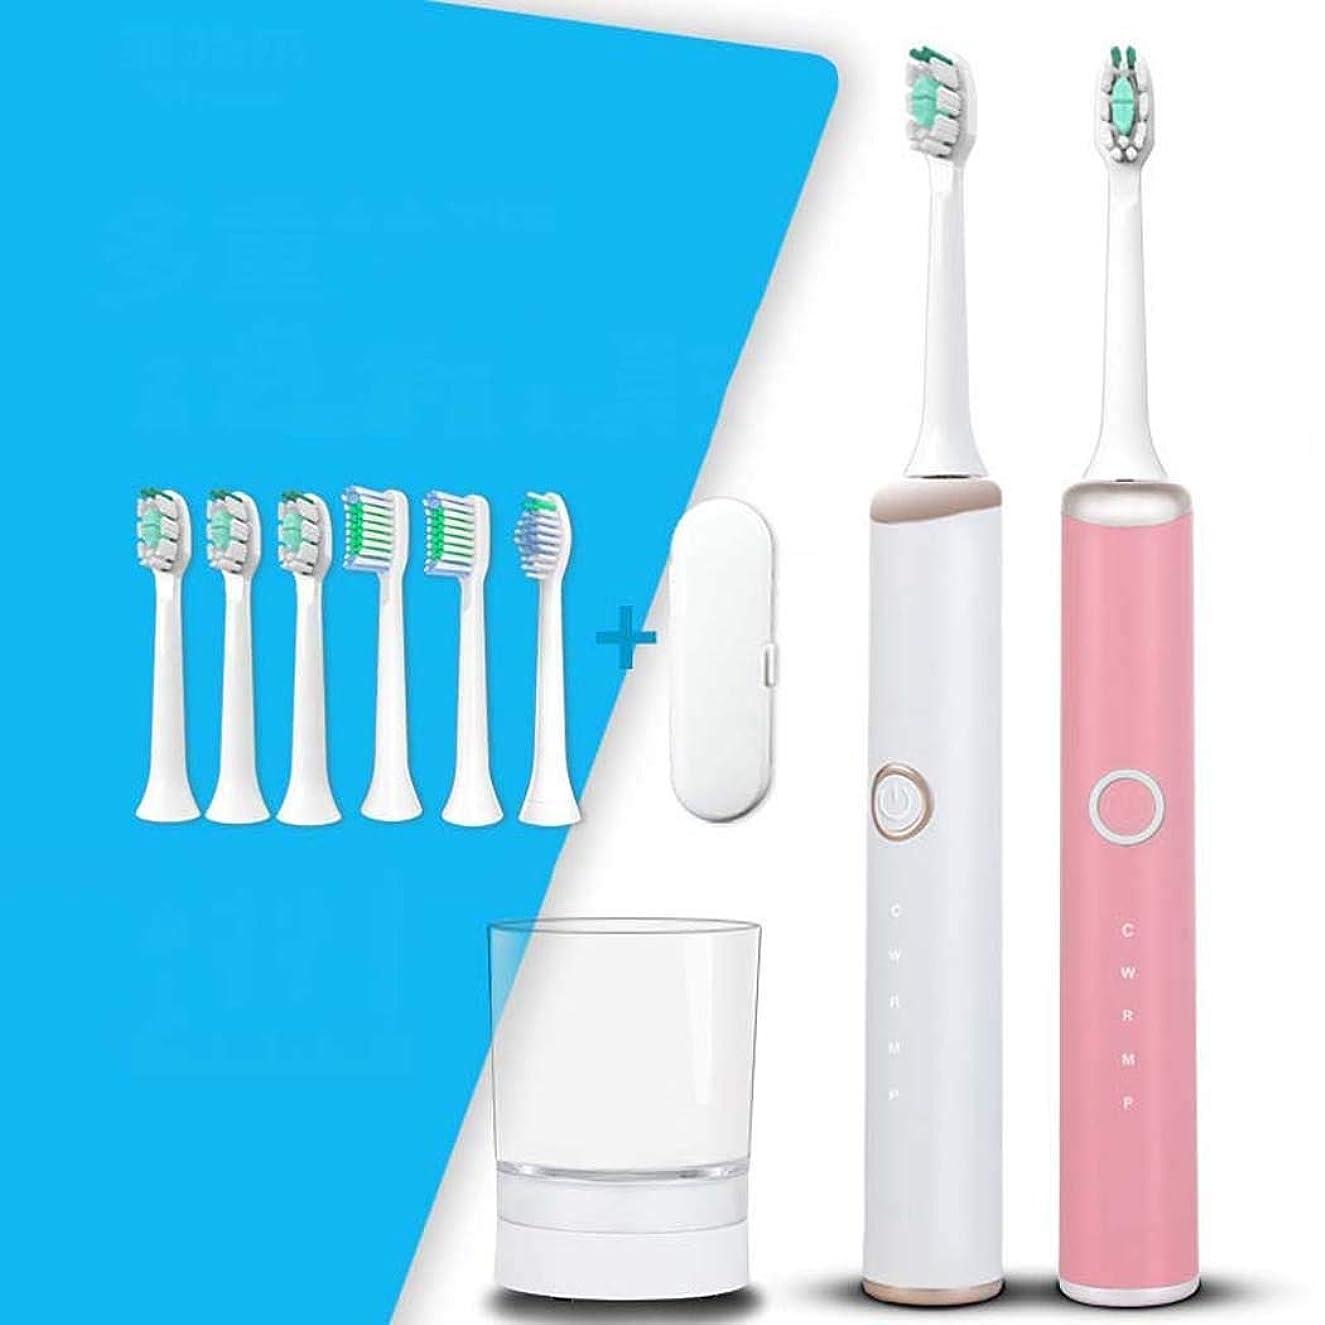 配偶者スポンサーロードされた電動歯ブラシ、ソニック電動歯ブラシ、家庭用大人用自動歯ブラシ、ミュート防水、スマートワイヤレス誘導充電(カラー:ホワイト)